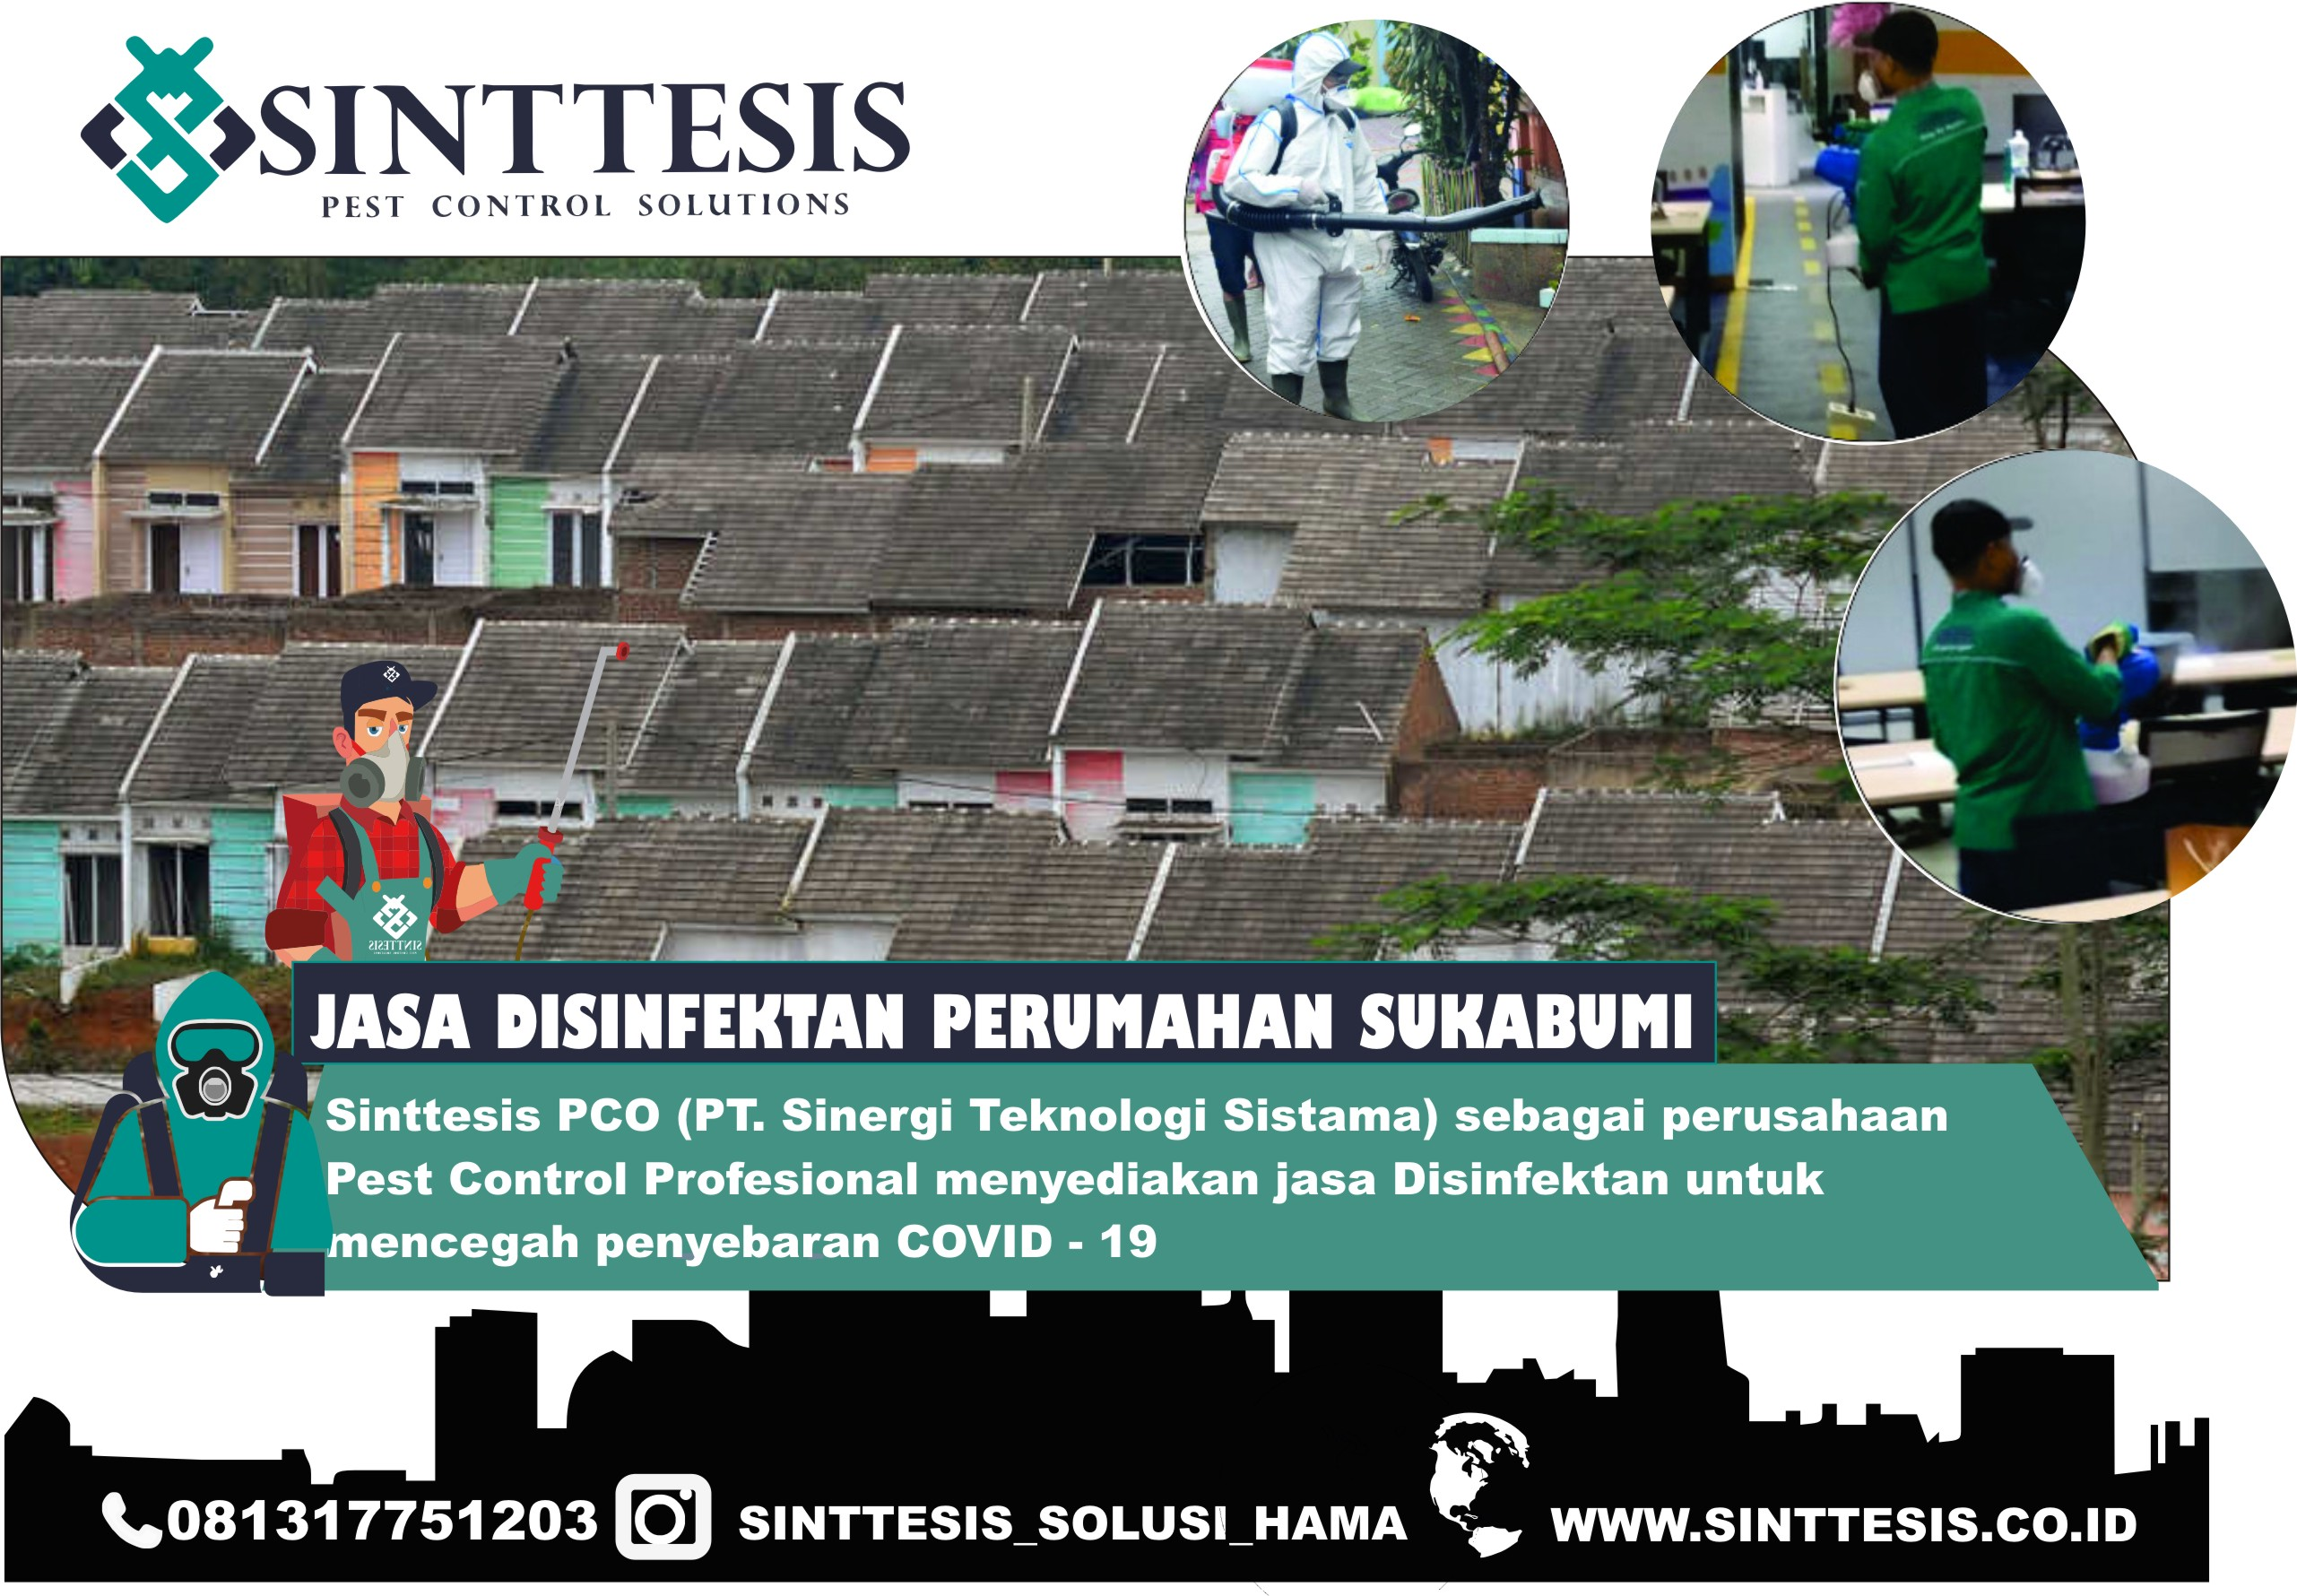 Jasa Disinfektan Perumahan di Sukabumi